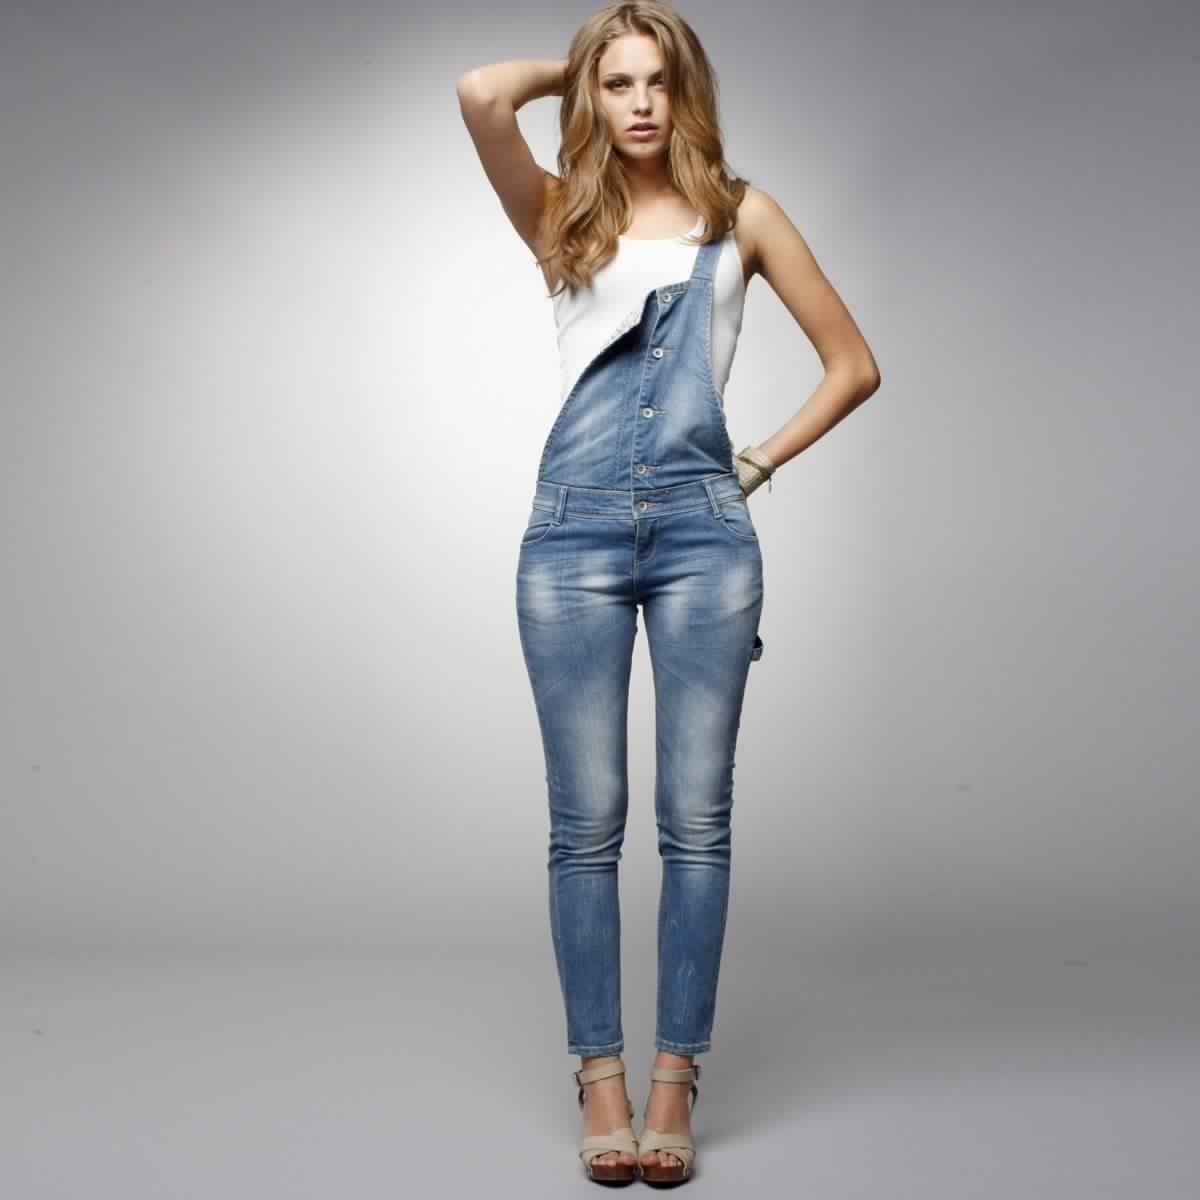 أجدد فساتين وسلوبيتات جينز للبنات جميلة جدا